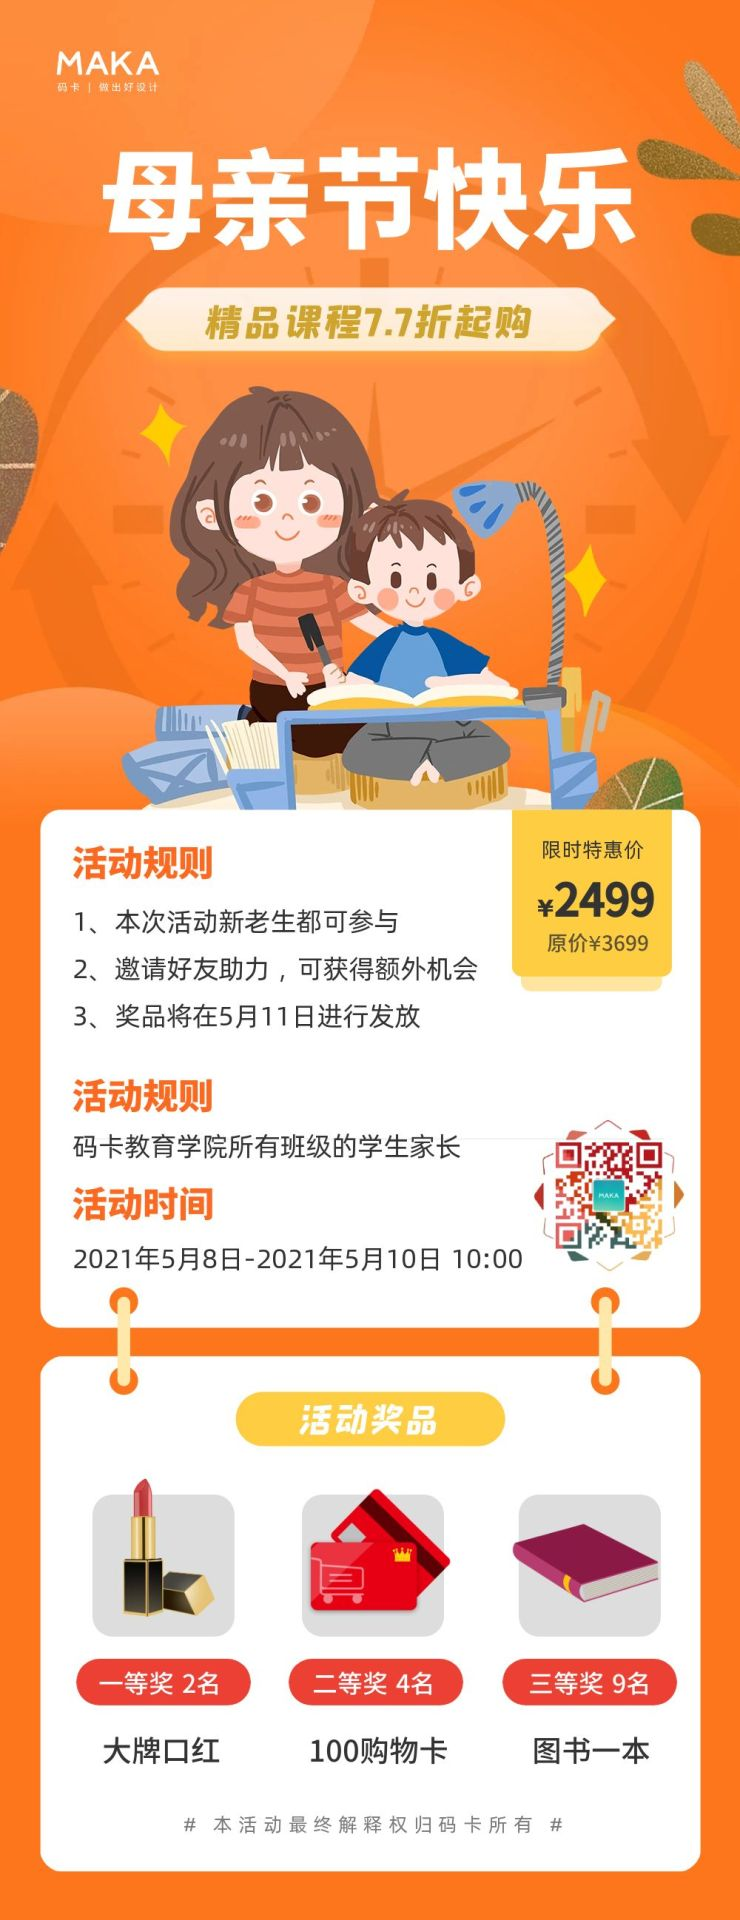 橙色简约风格教培行业母亲节课程促销长图文